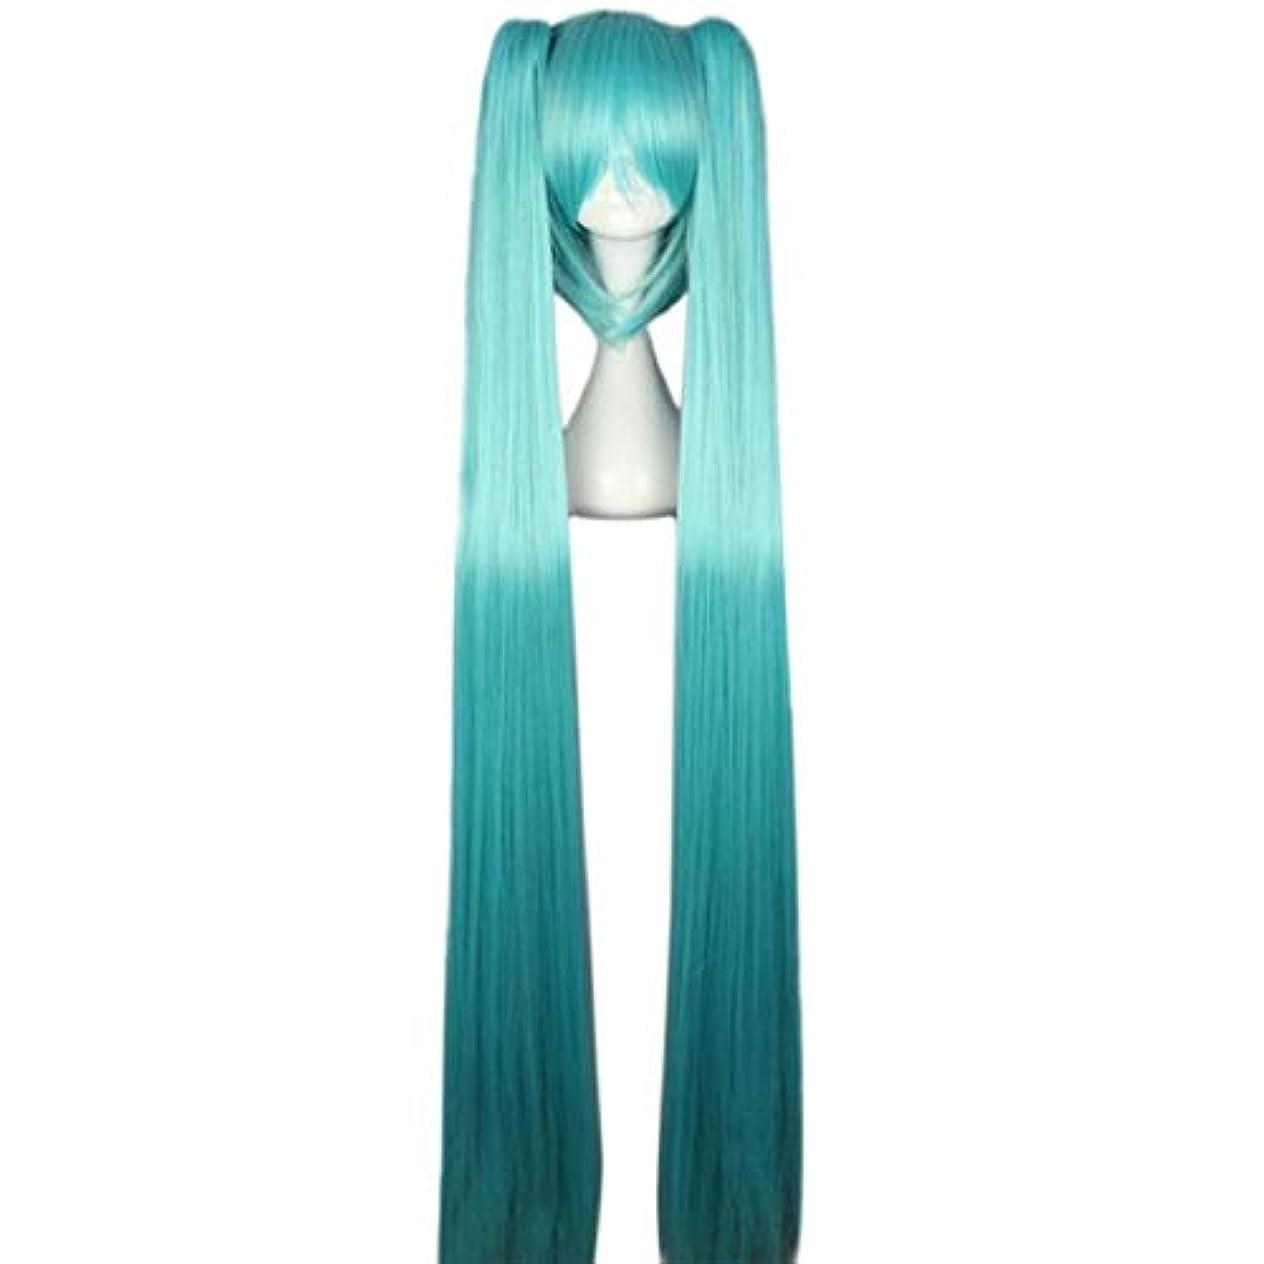 放散する効果的に開梱Koloeplf 女性ロングストレートブルーフルウィッグ前髪2ポニーテールアニメコスプレ髪用ボーカロイド初音ミクフィギュア (Color : LAKE BLUE)